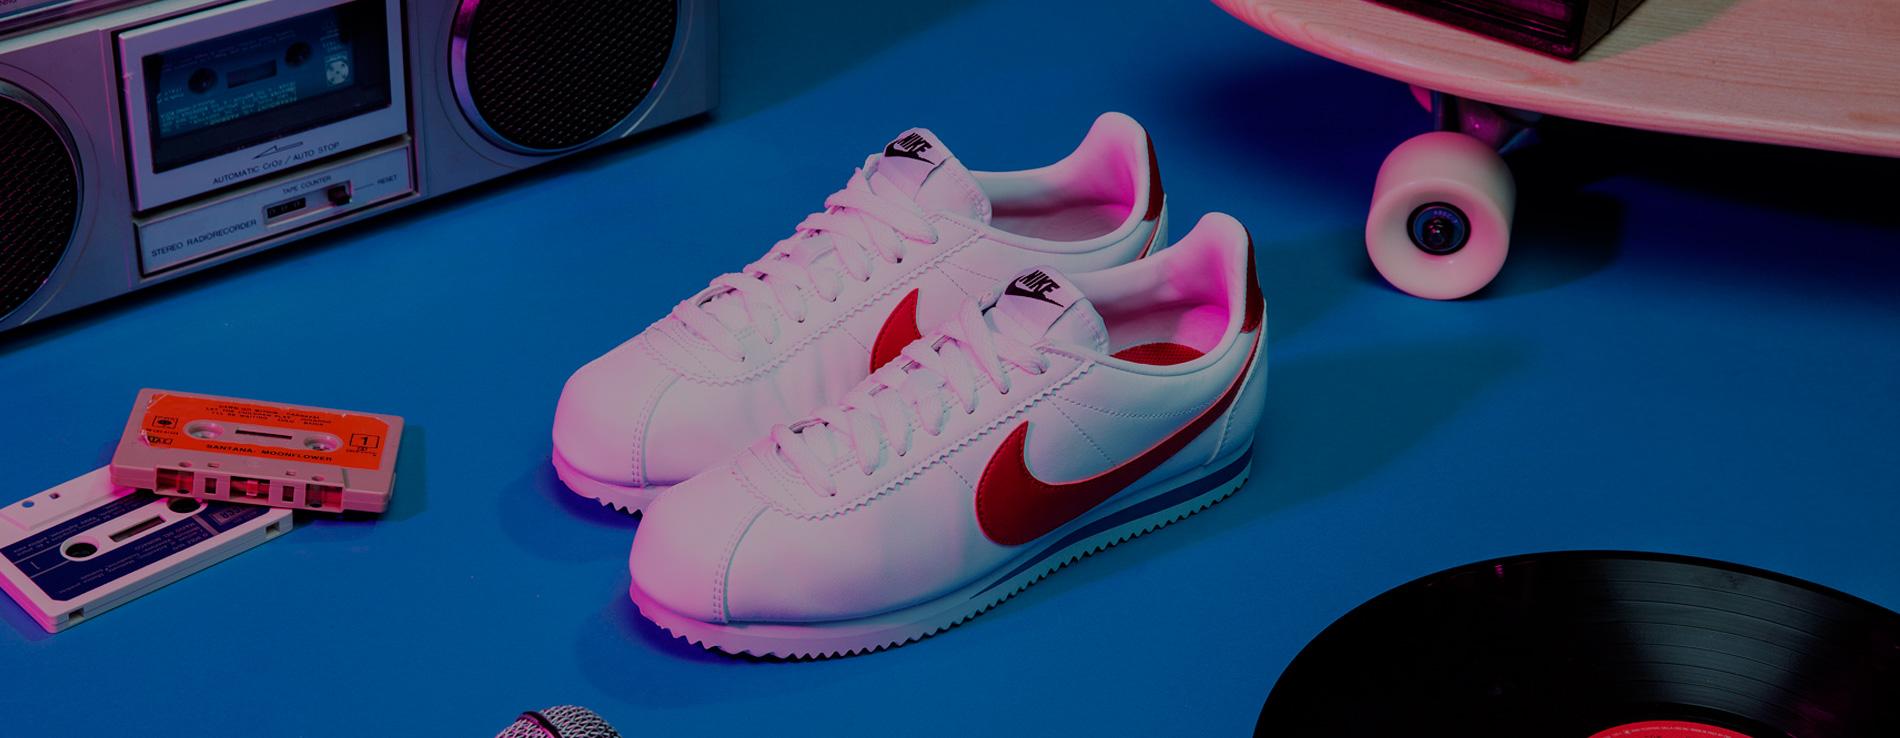 ceb90ef2c82a51 Nike Cortez 45th Anniversary - Awwwards SOTD